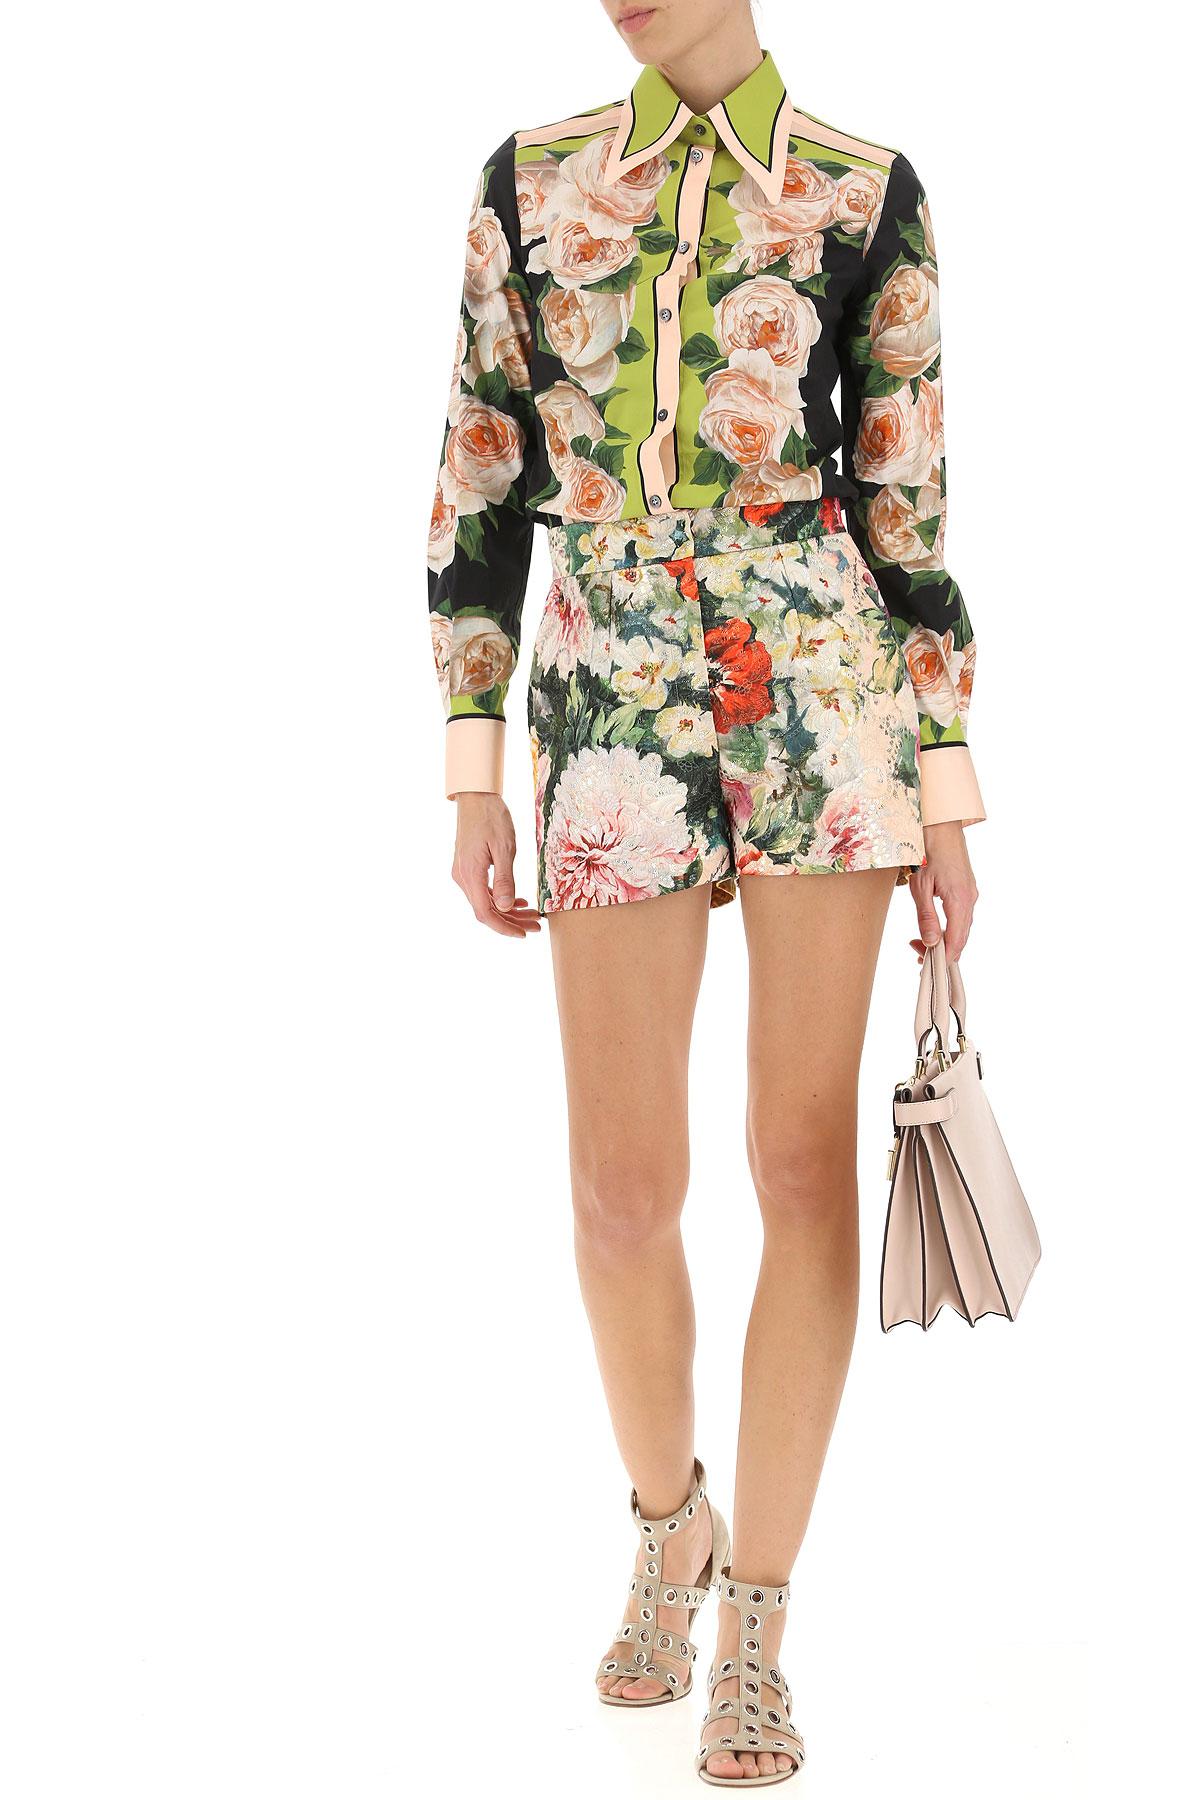 Ropa Primavera Para amp; nbsp; Multicolor 2019 Dolce Gabbana Mujer verano qH4wnC